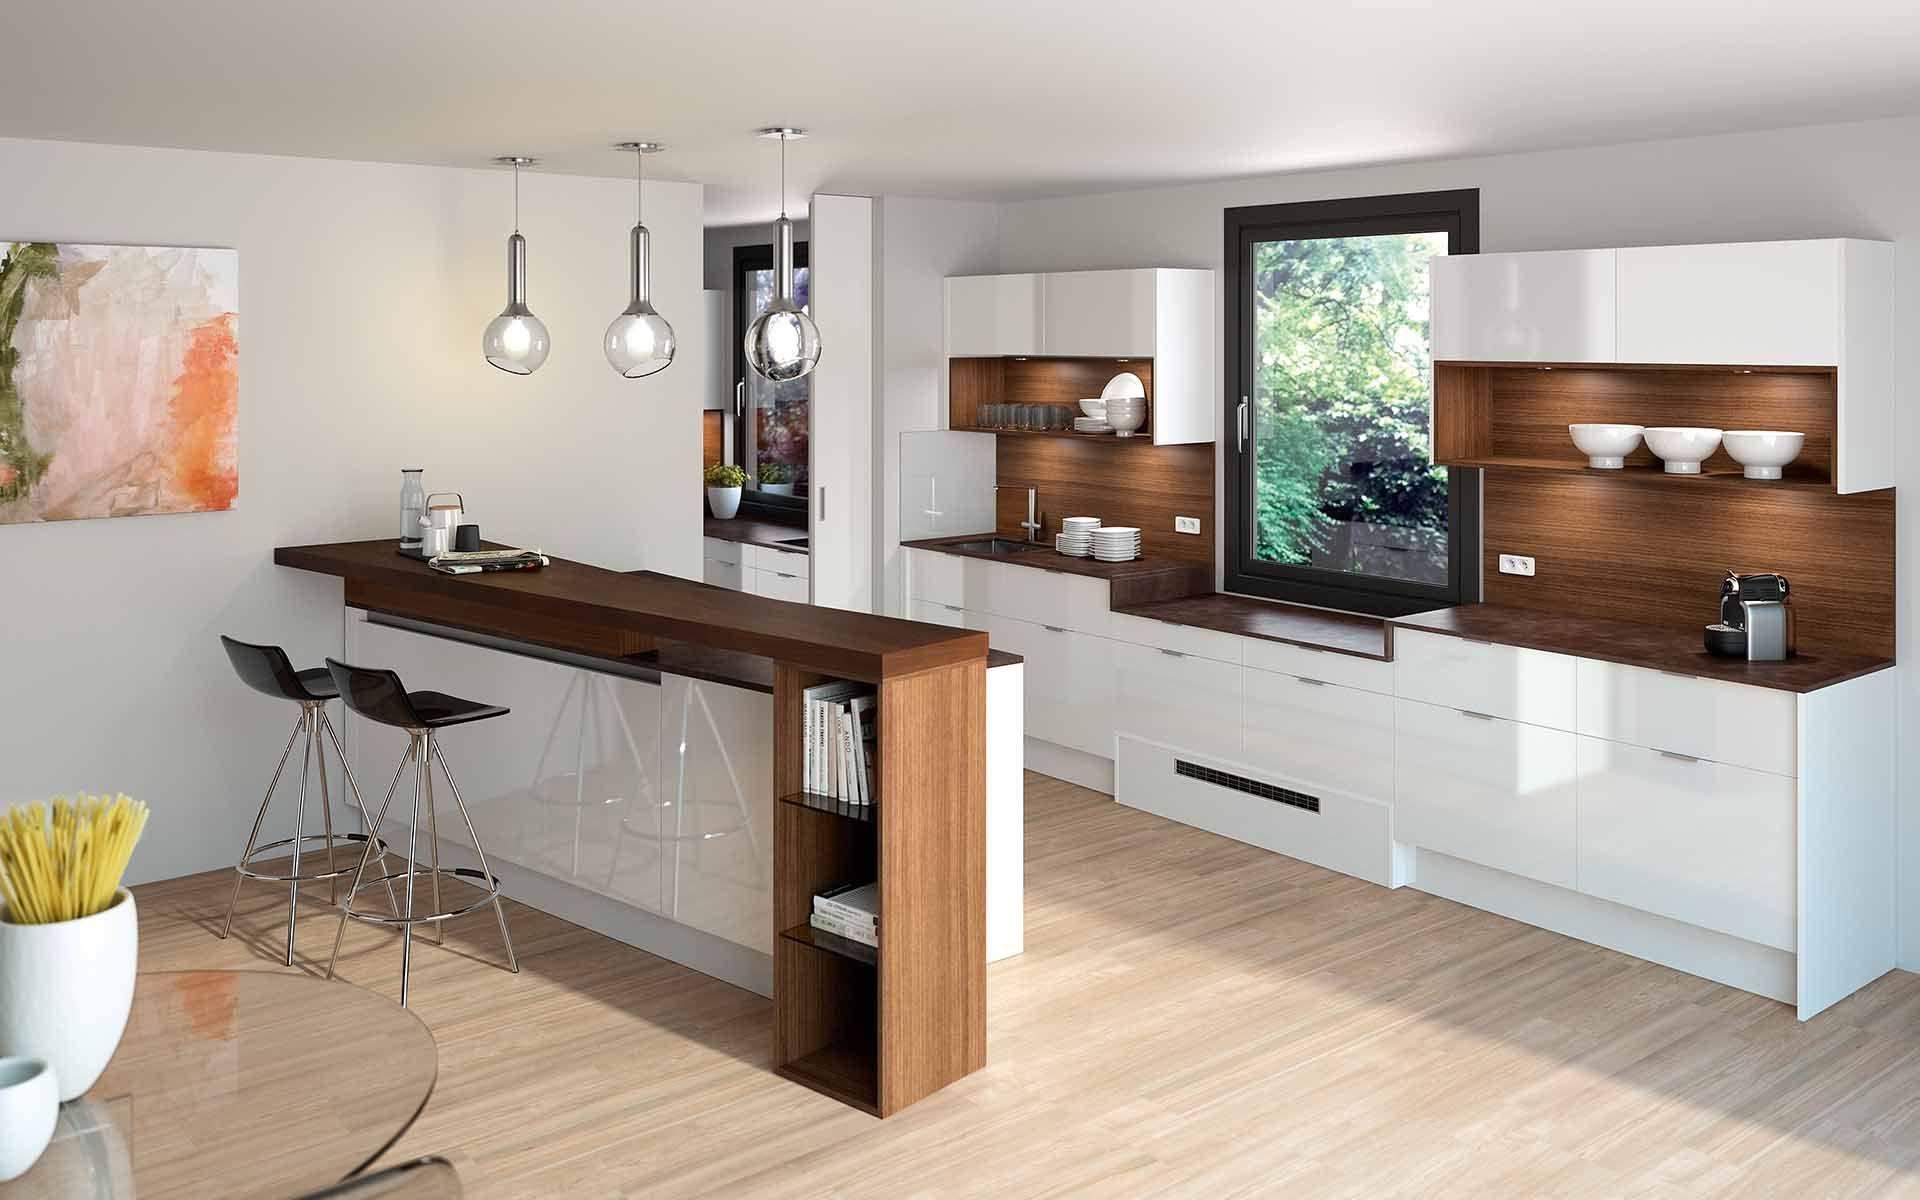 Weiß als Trendfarbe für Küchen, in Kompination mit Holz. Tolle ...